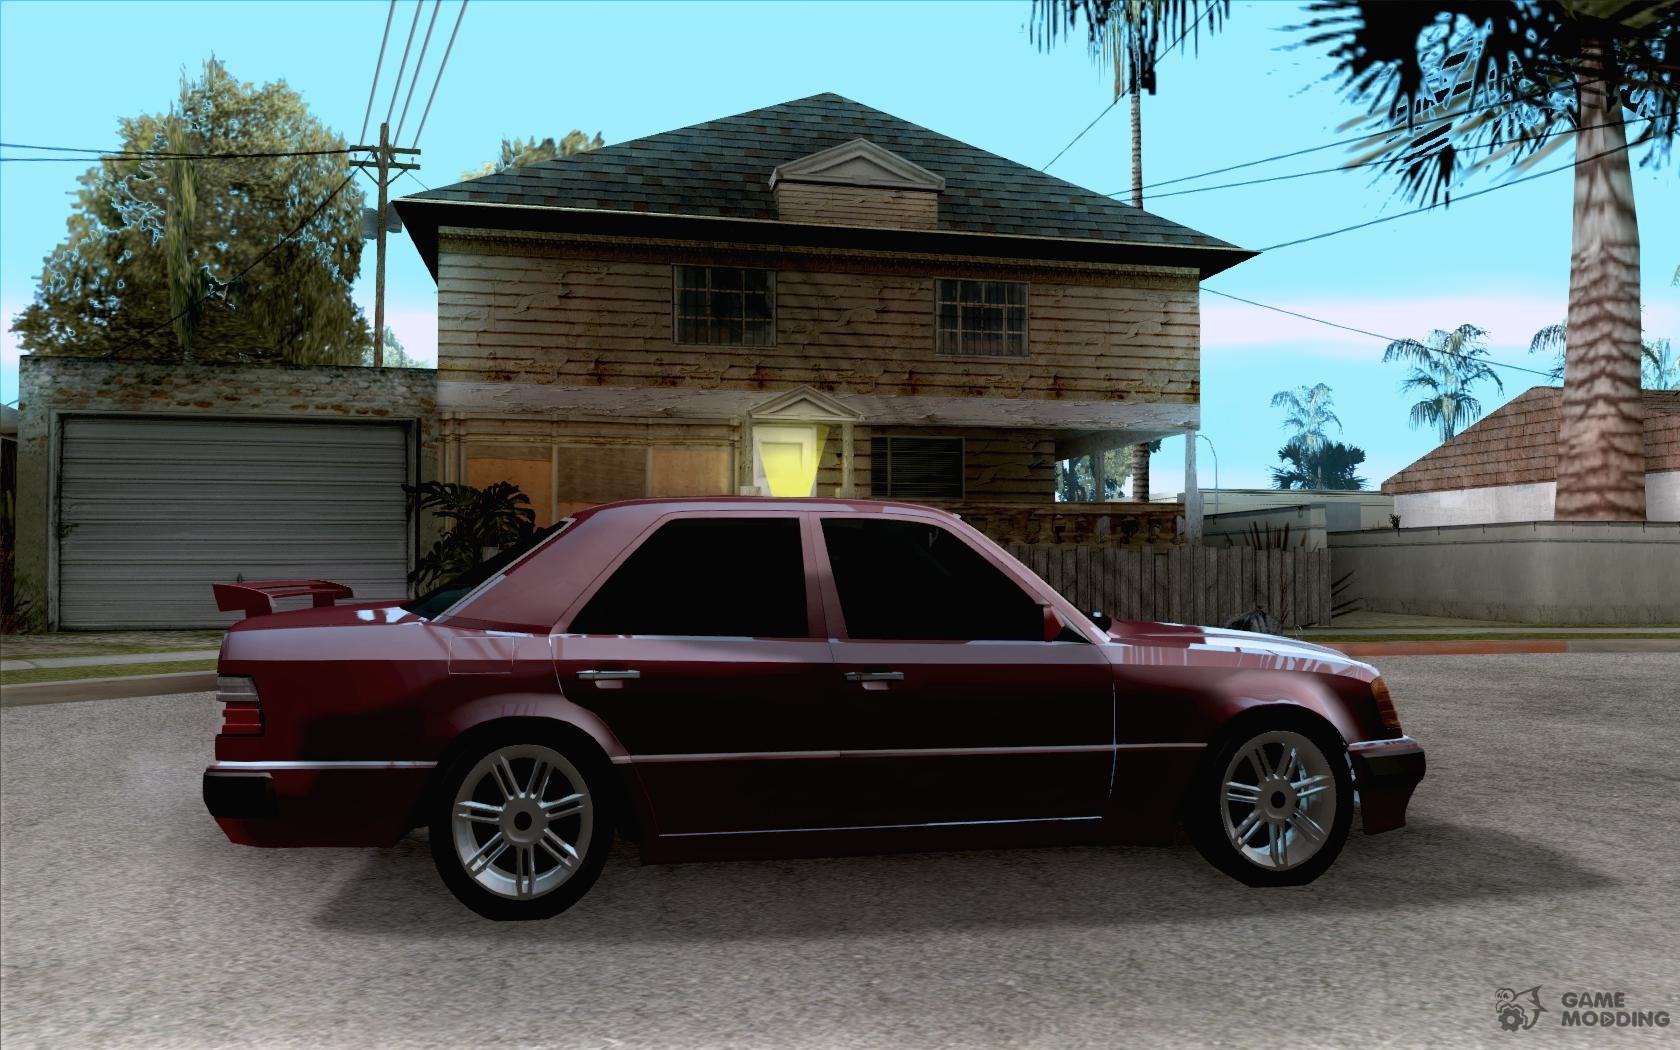 mercedes benz e500 taxi 1 for gta san andreas. Black Bedroom Furniture Sets. Home Design Ideas